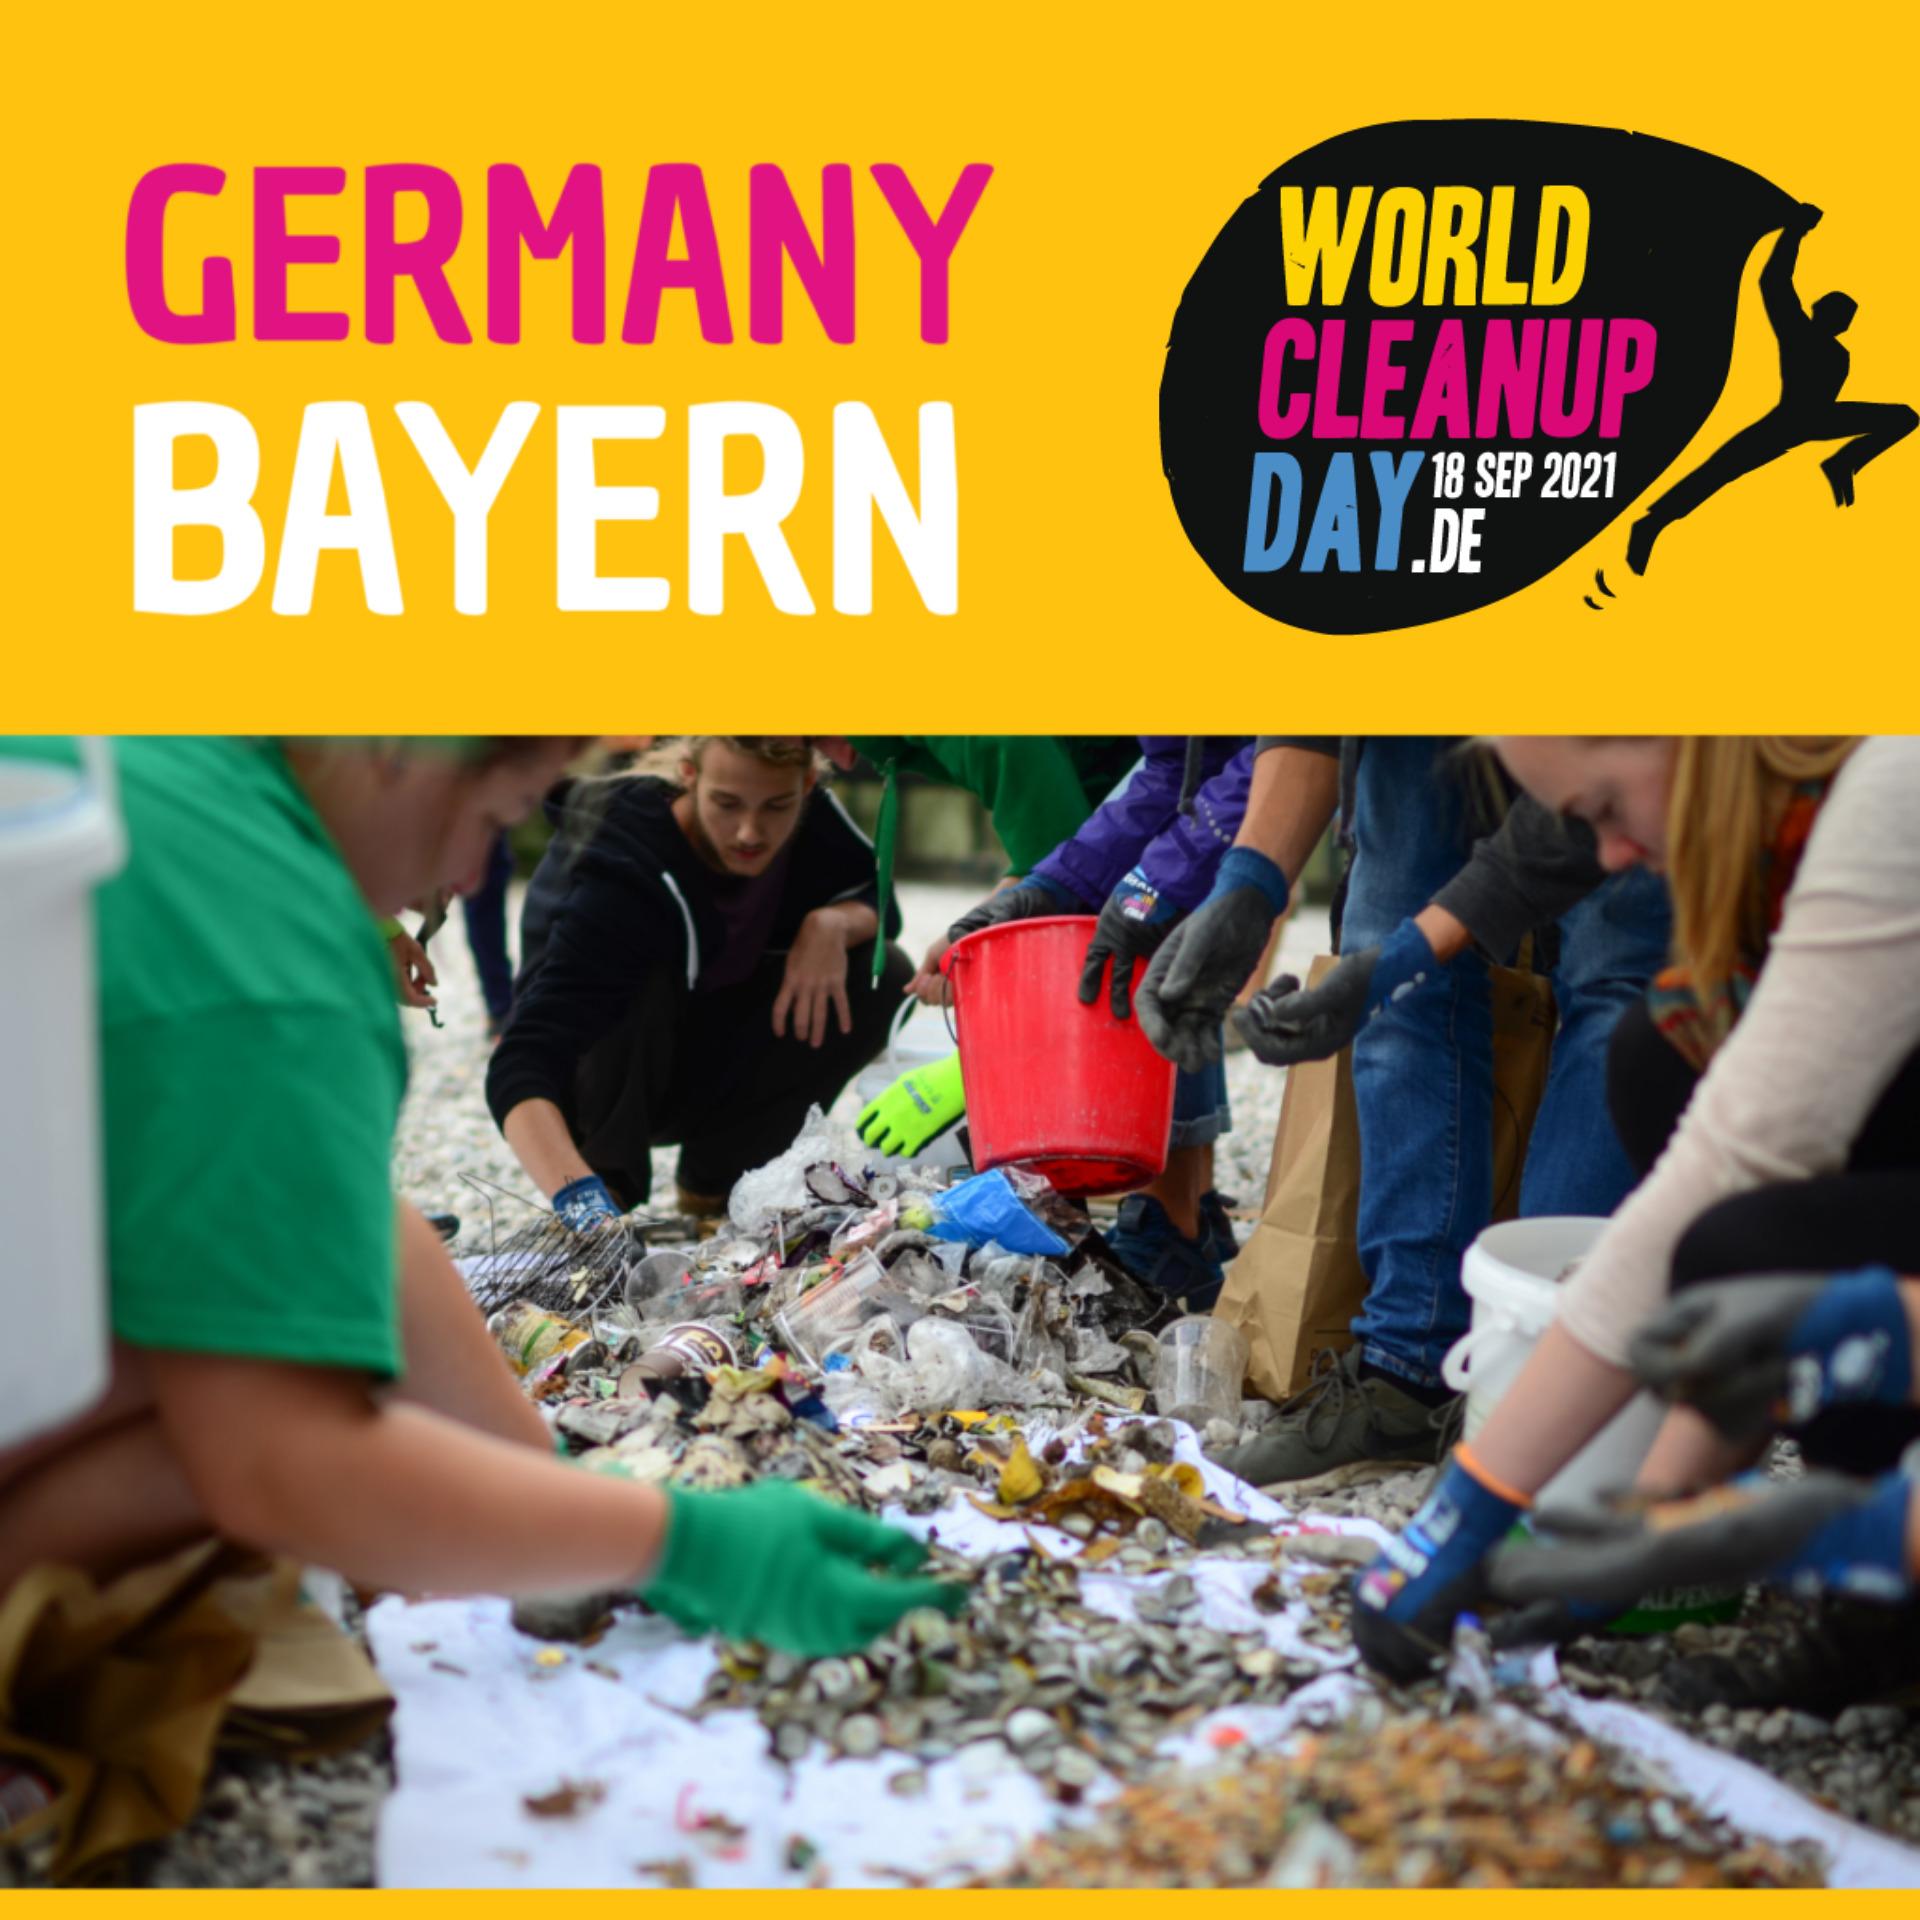 Cleanup am Aufseßplatz zum World Cleanup Day 2021 (Bayern)